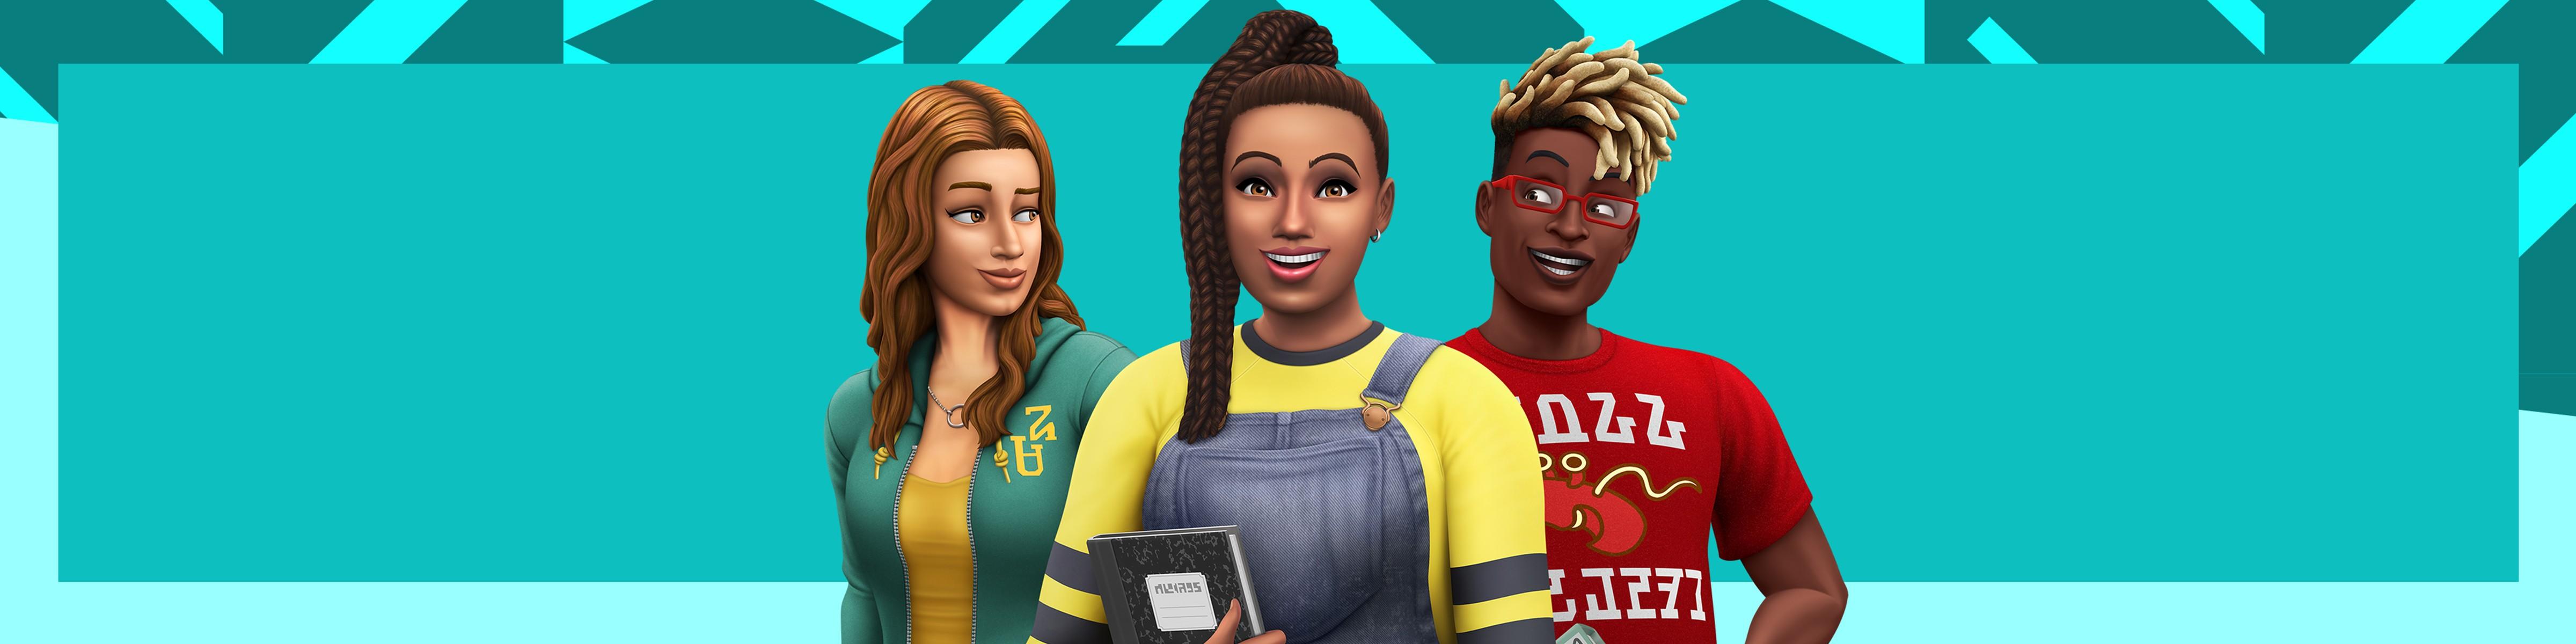 Rencontres en ligne jeux Sims